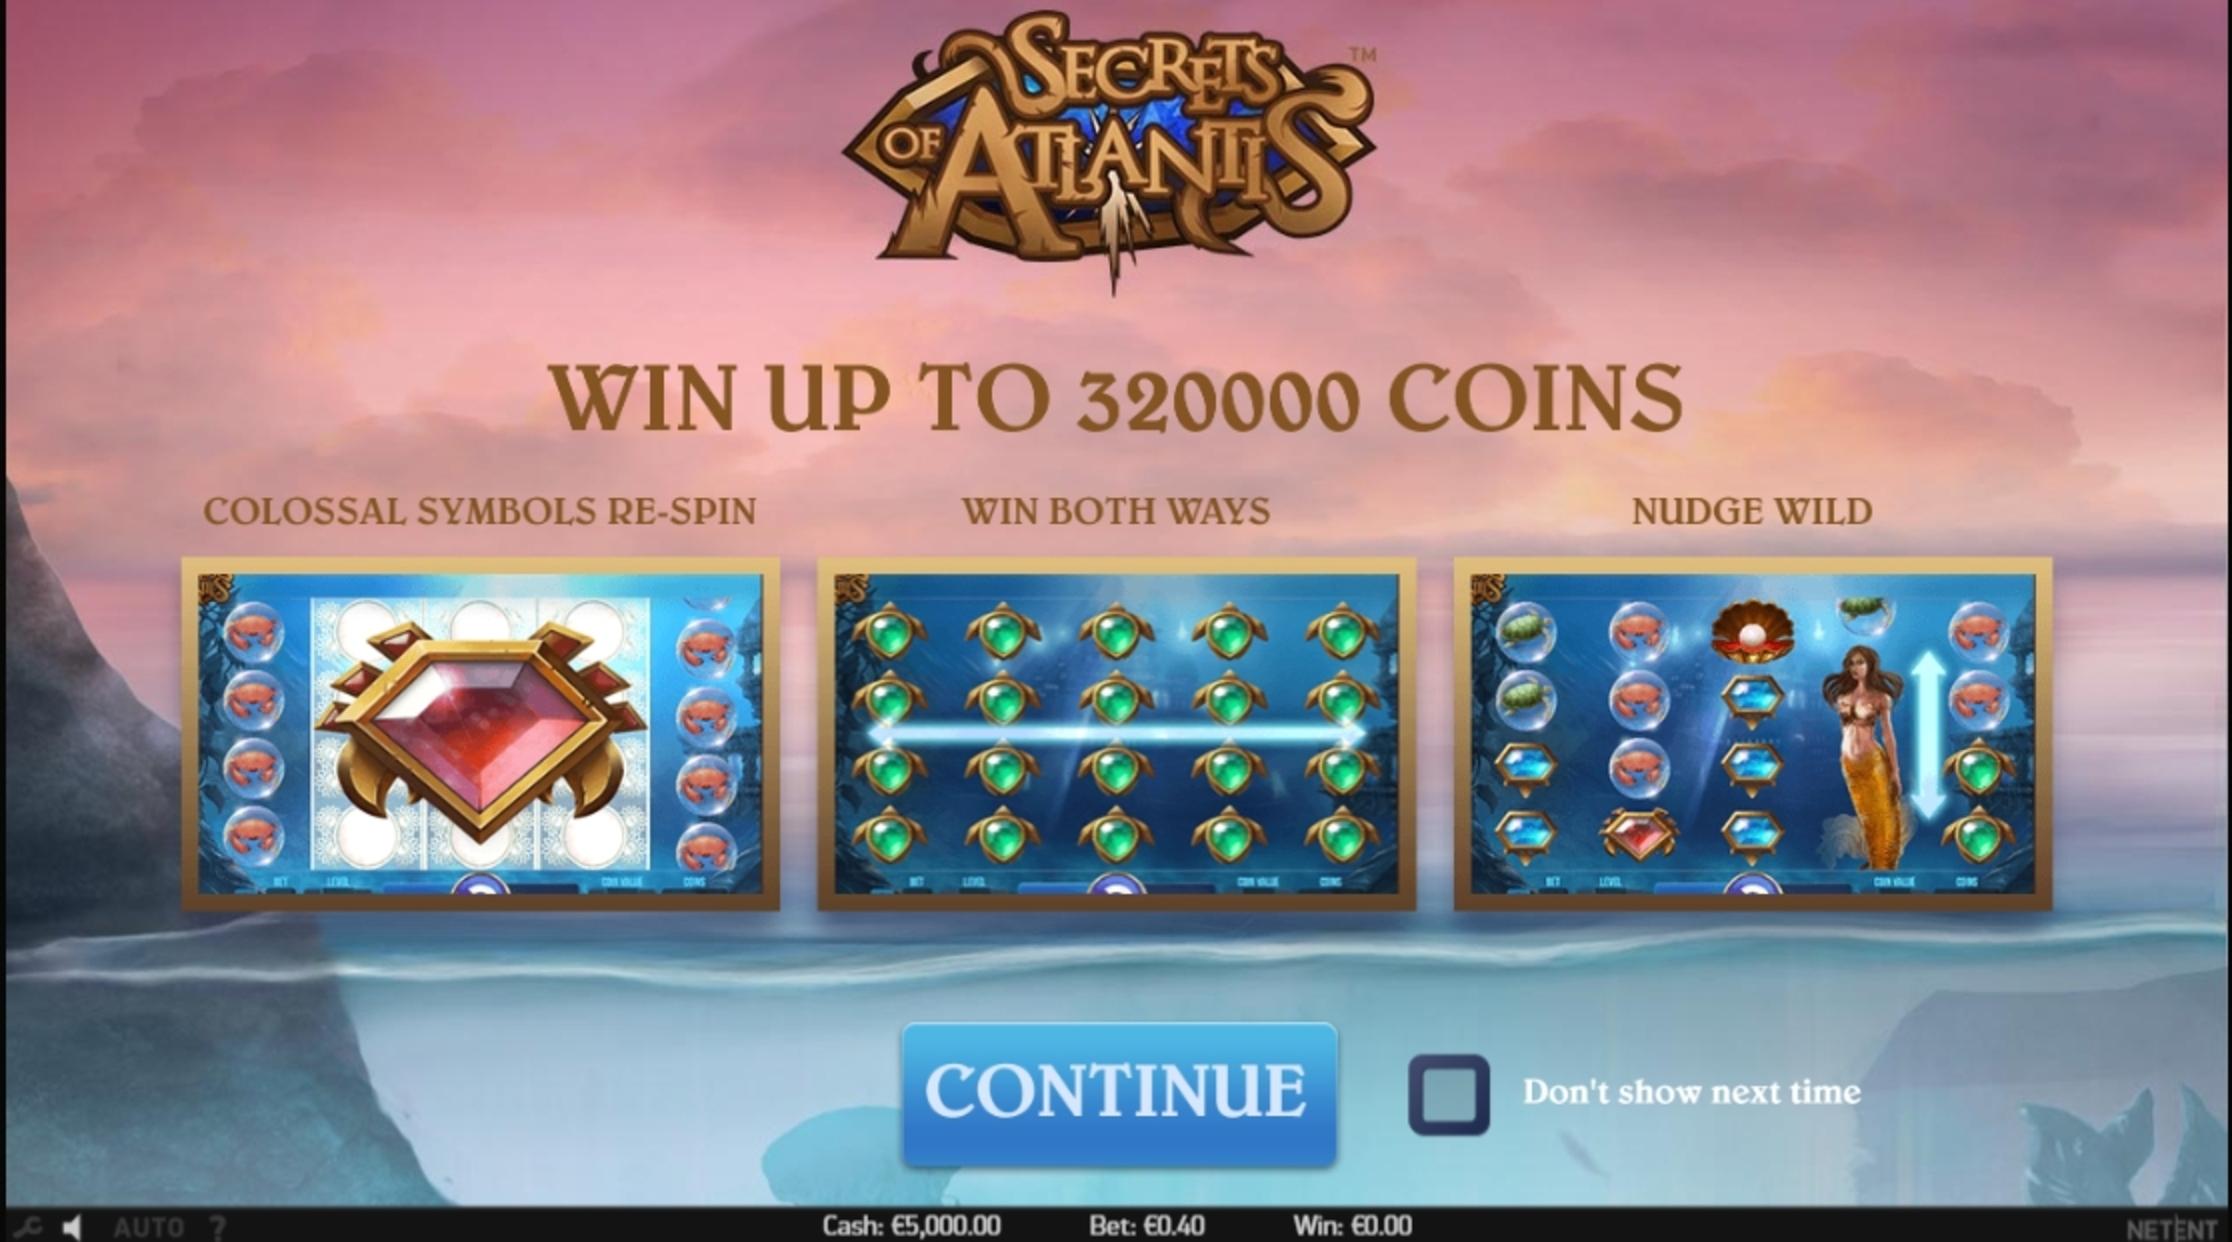 Ariana slot machine free